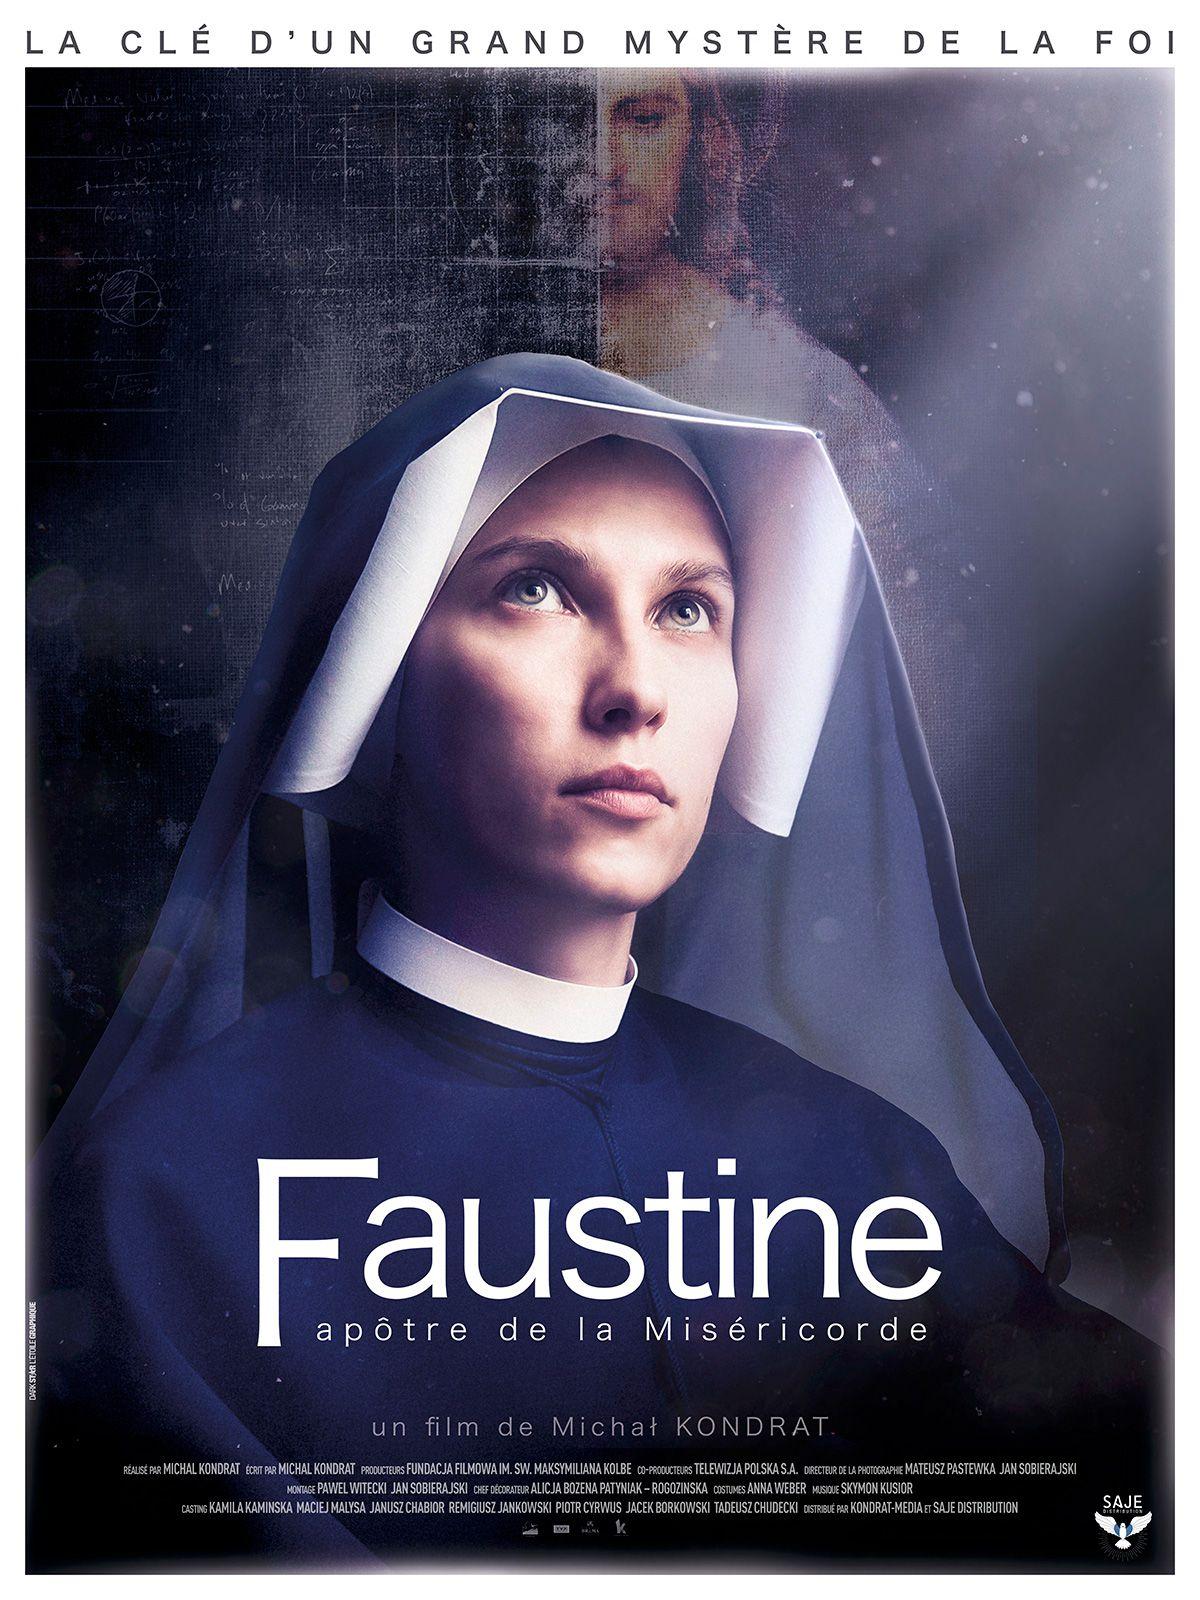 Faustine, apôtre de la miséricorde - Film (2020)